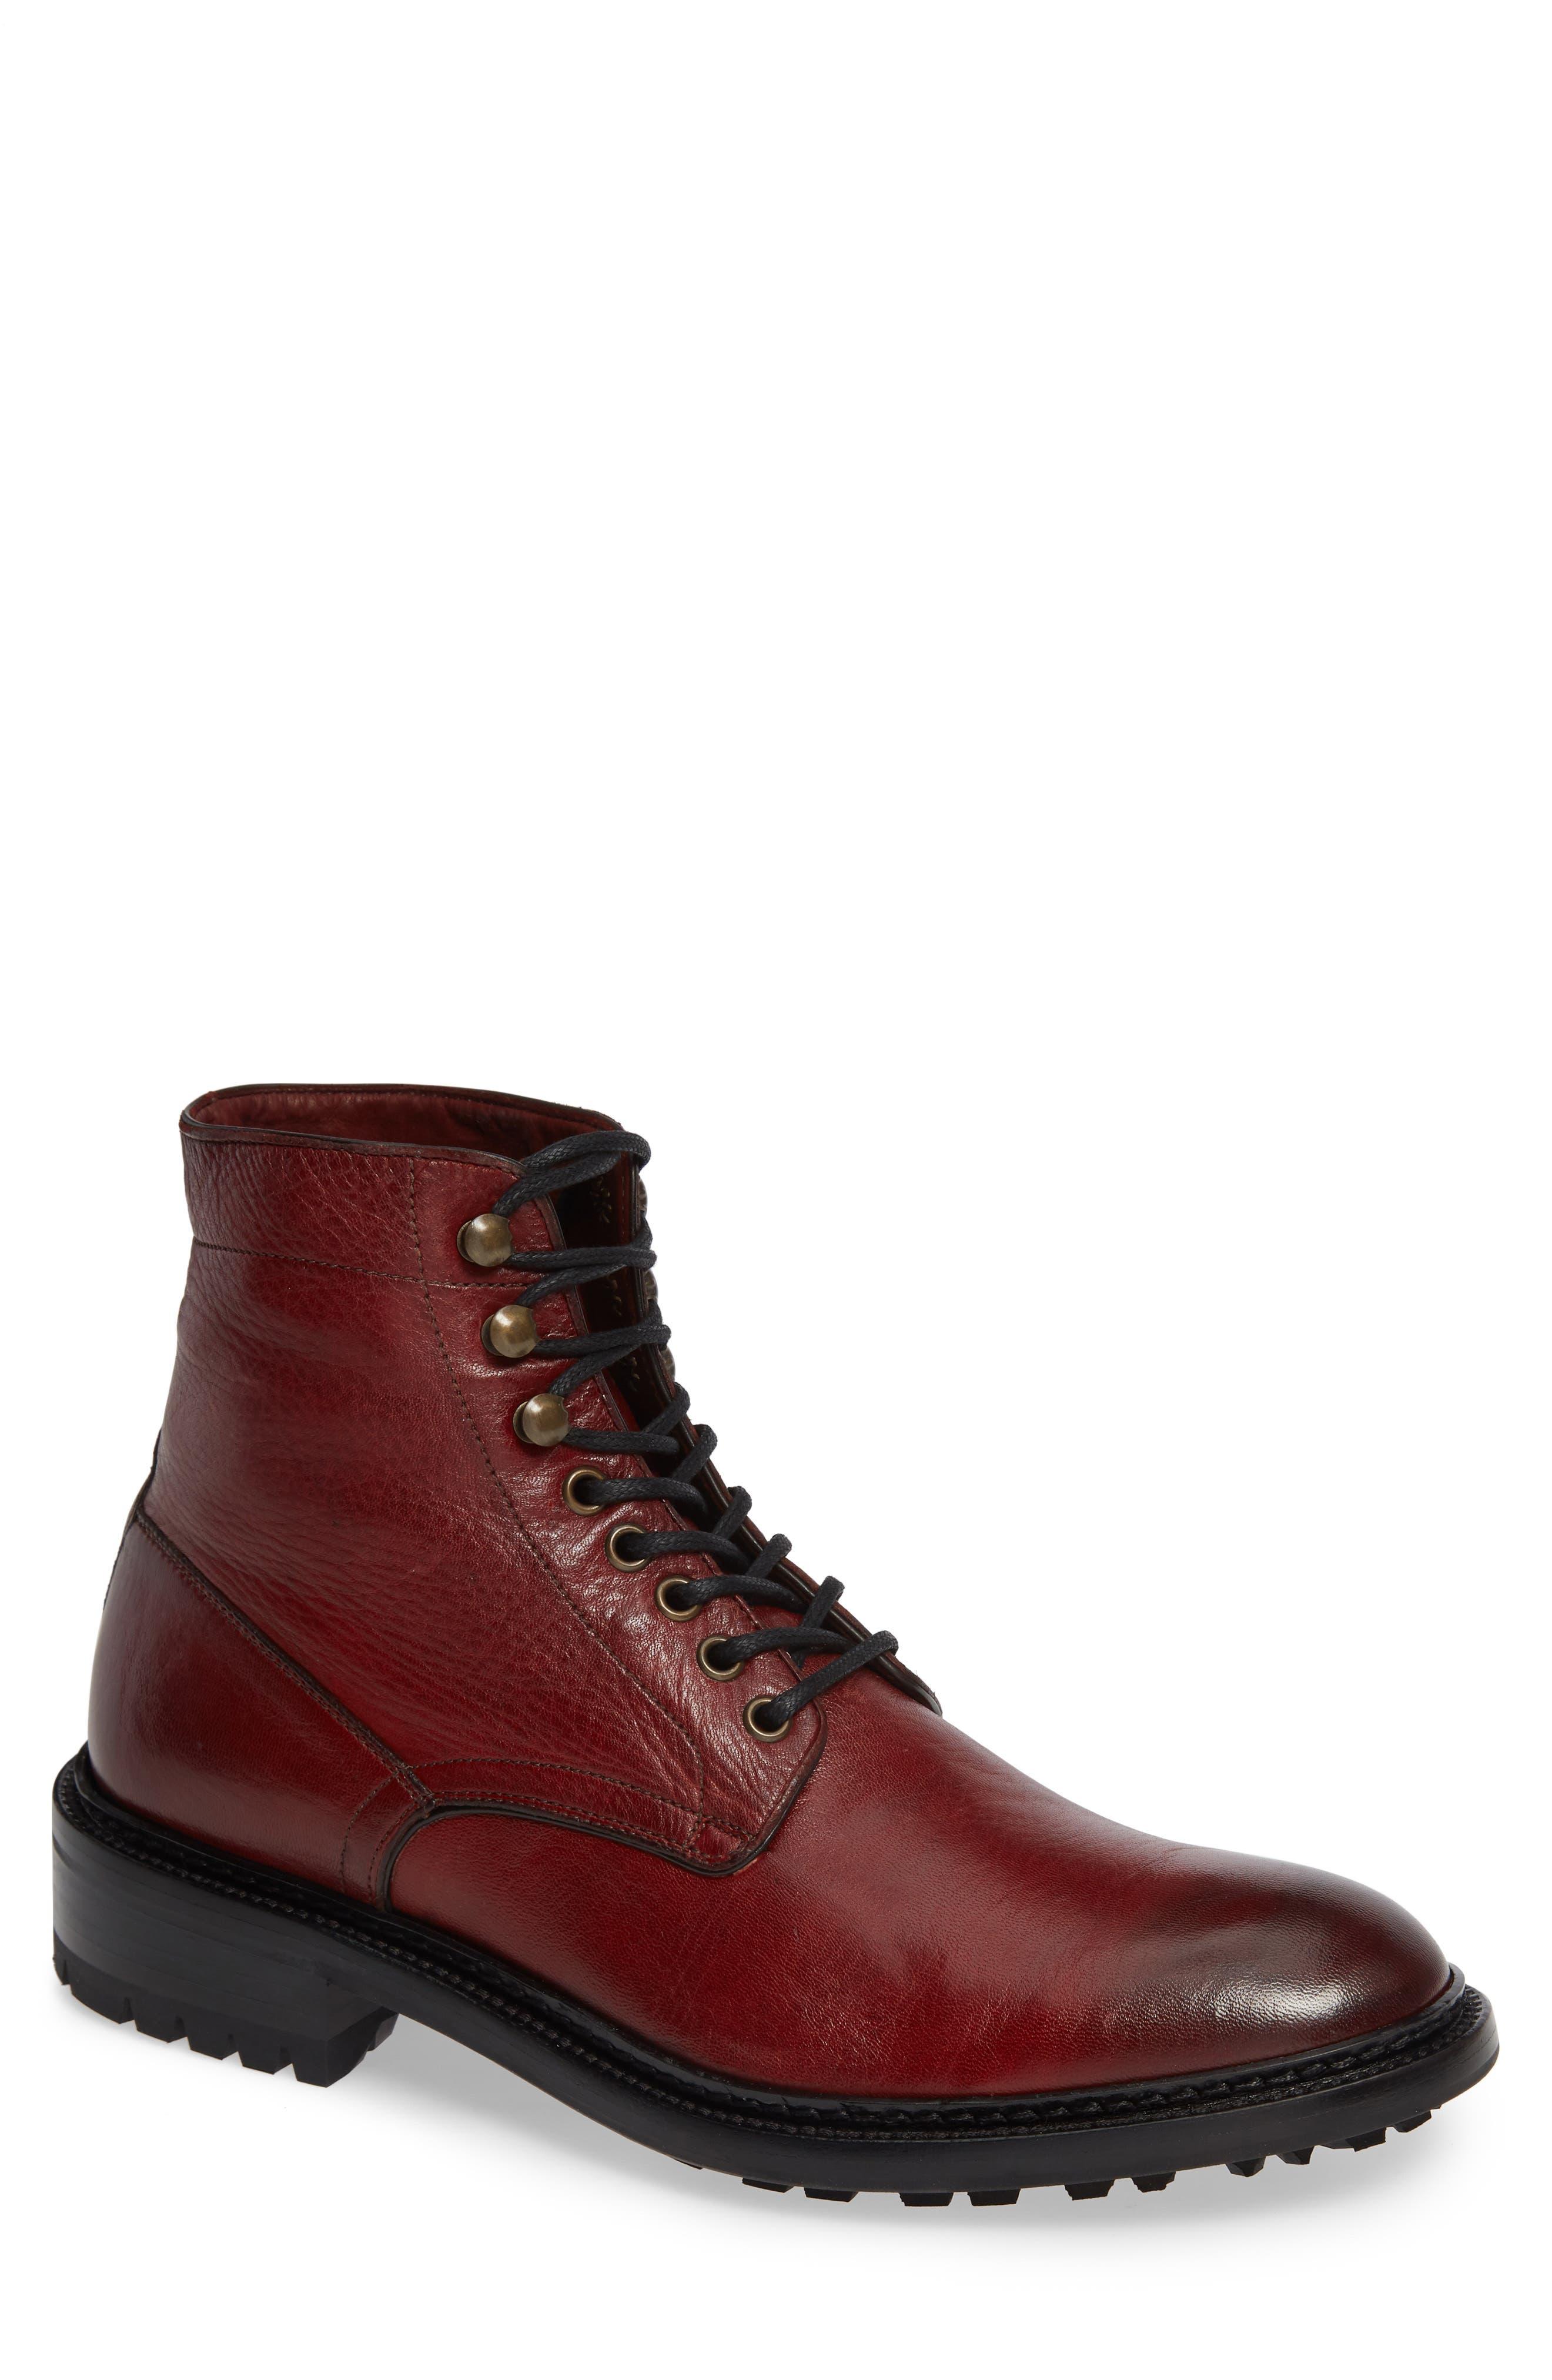 Greyson Plain Toe Boot,                         Main,                         color, BURGUNDY